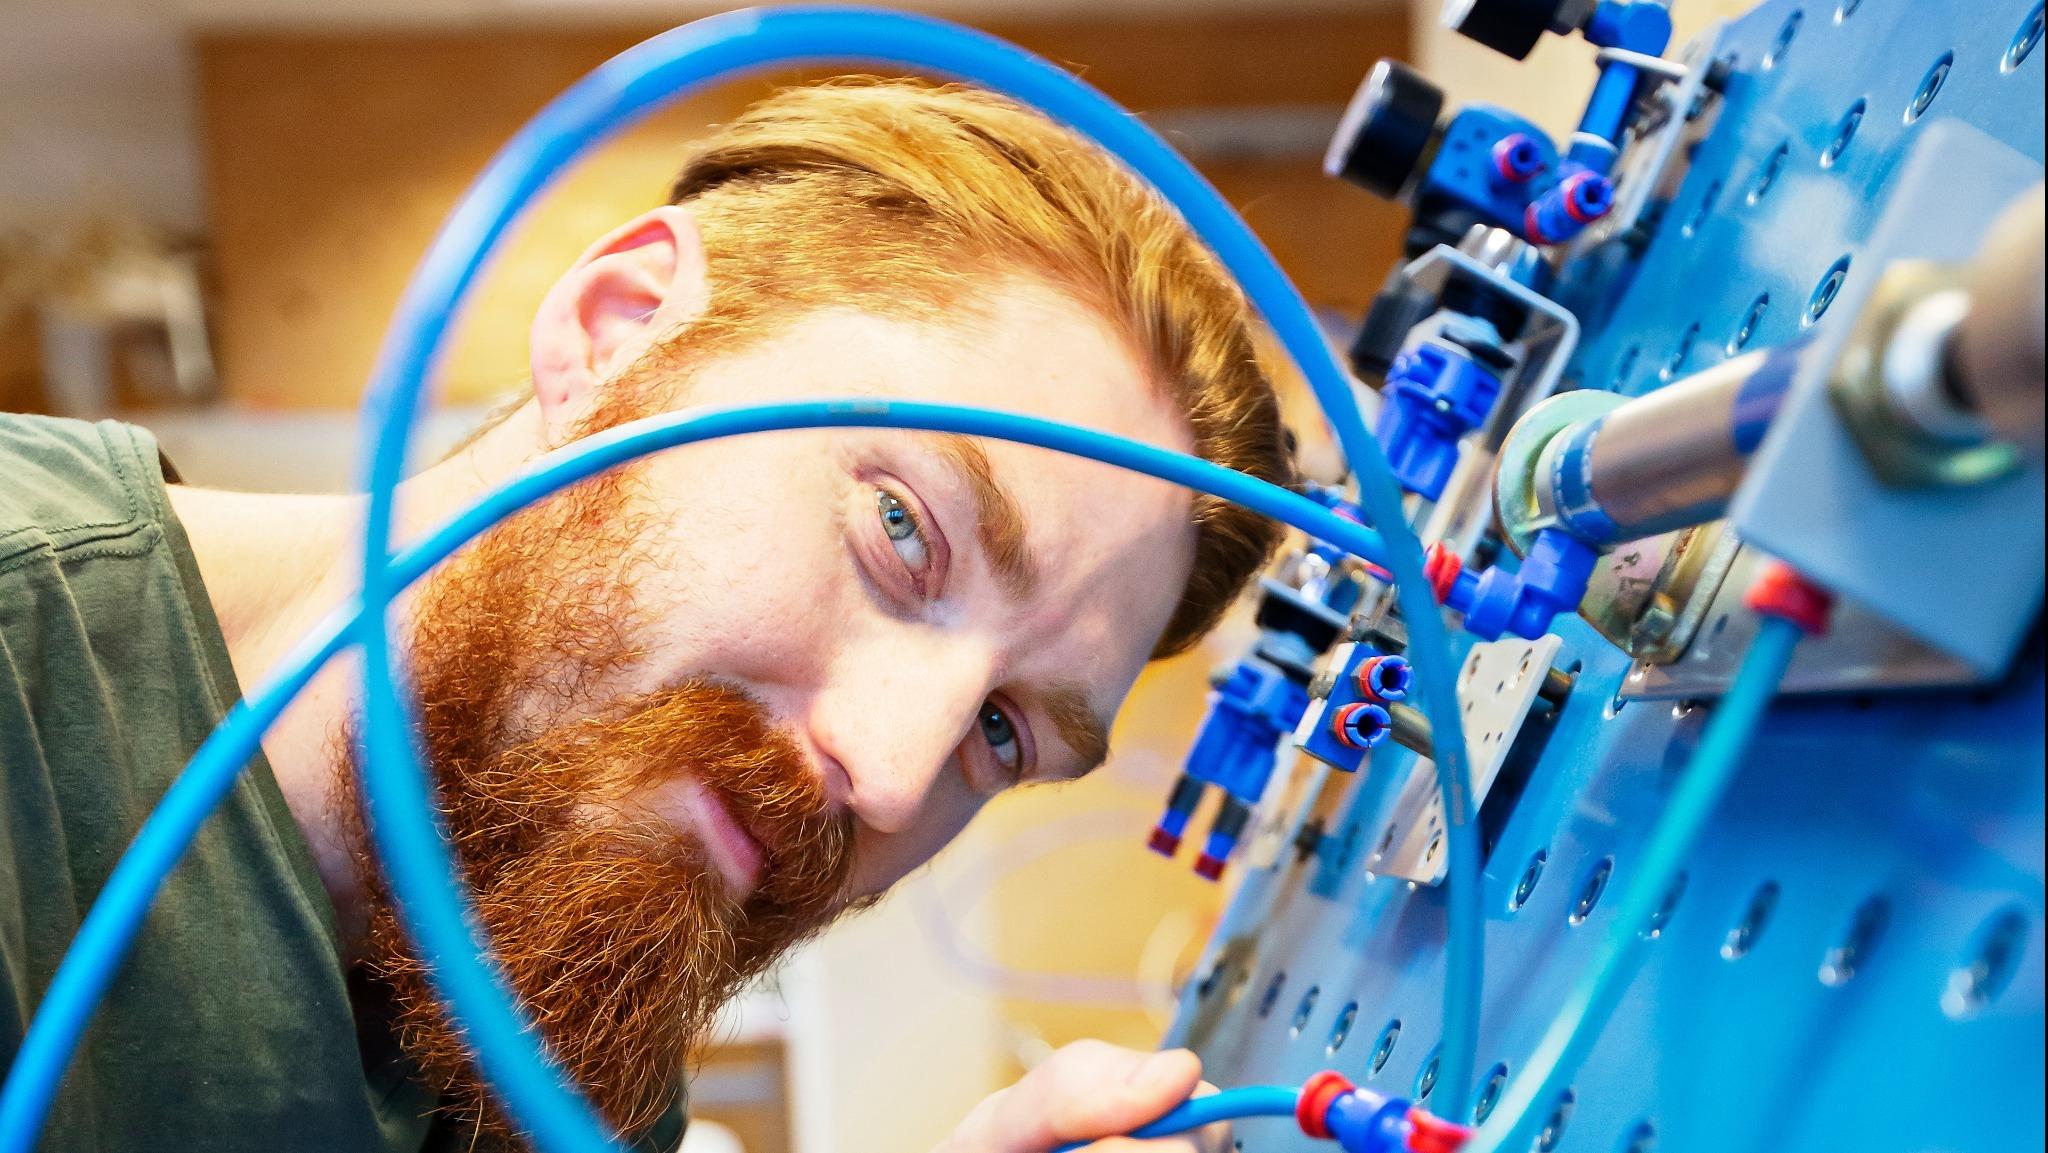 En person som håller på att utbilda sig till elektriker står vid en blå el tavla.